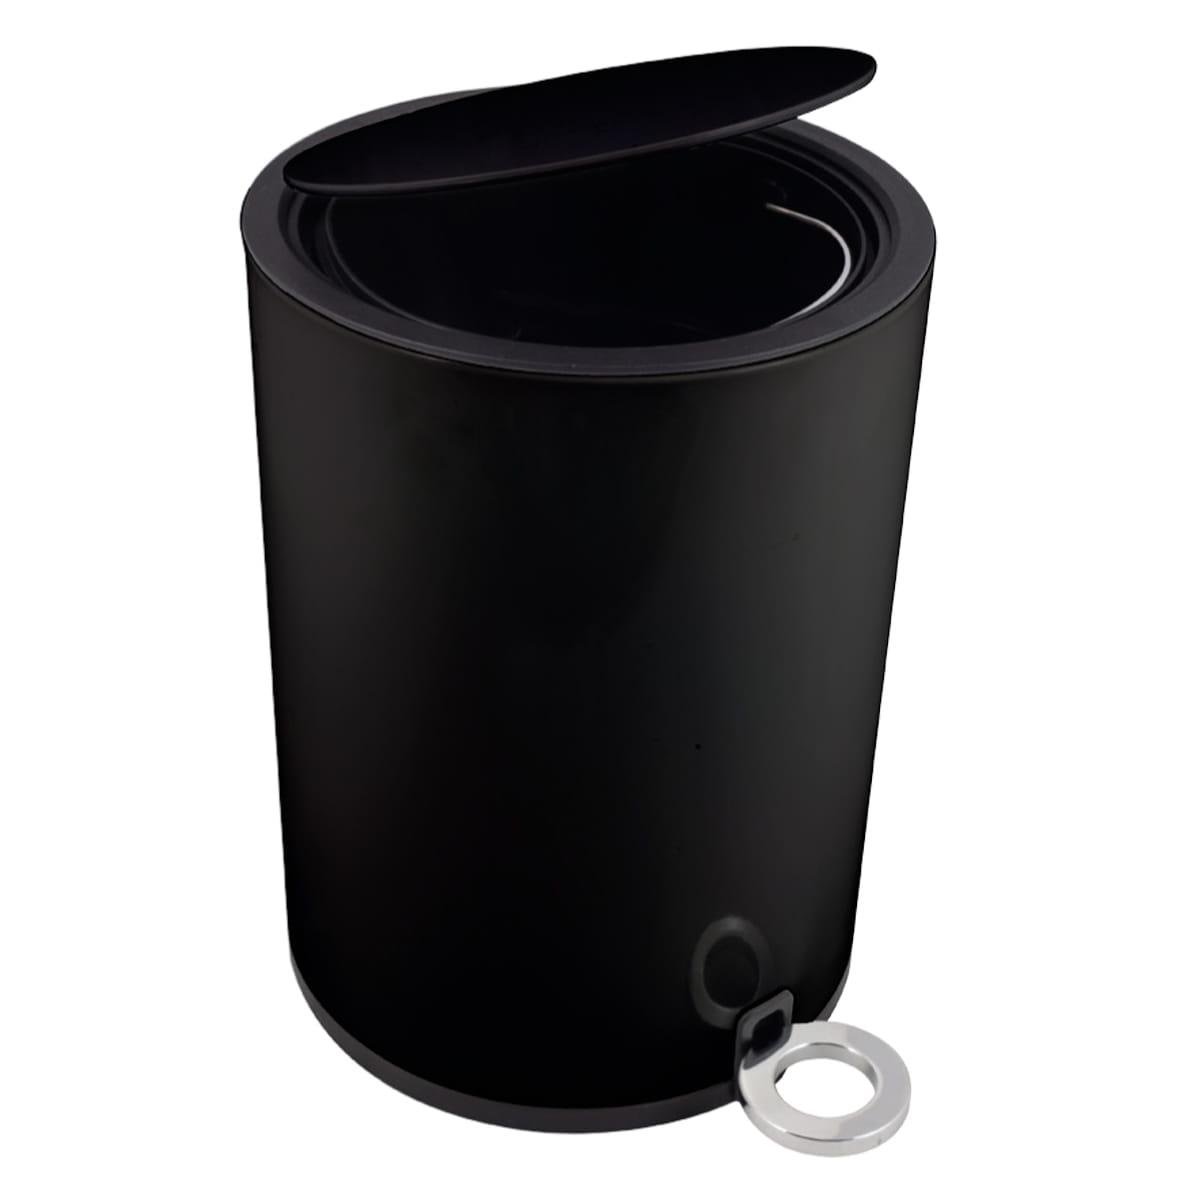 Kosz Na śmieci 3l Wolnoopadający Czarny Poppis Wyposażenie